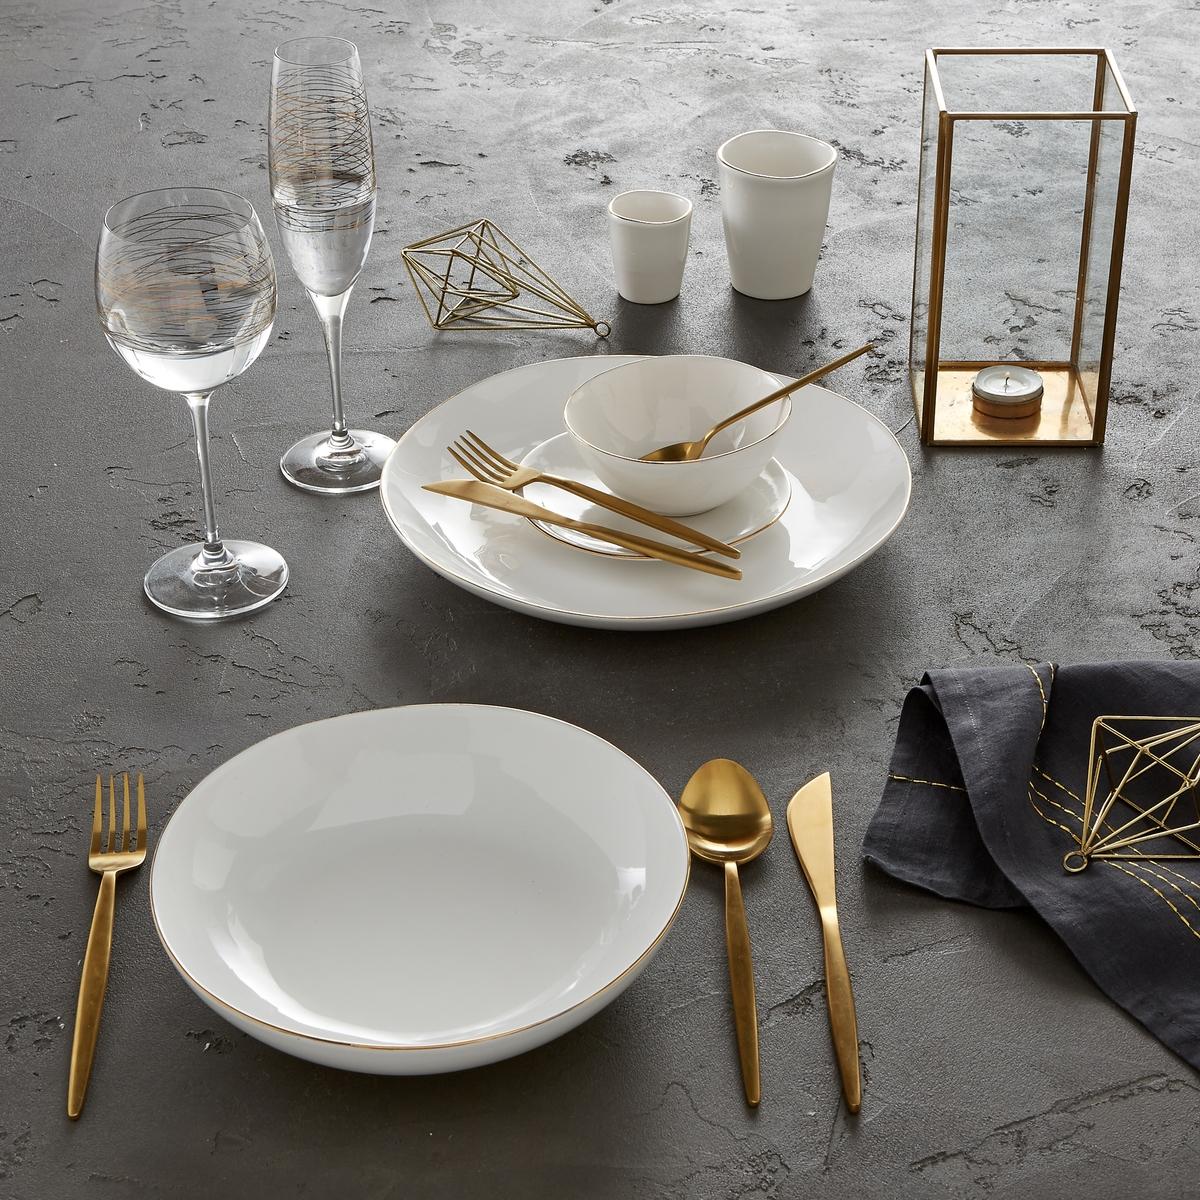 Комплект из 4 десертных тарелок из фаянса, CatalpaКомплект из 4 десертных тарелок Catalpa. Элегантная и неподвластная времени посуда из фаянса, покрытого белой глазурью, с тонкой каймой золотистого цвета. Органичная форма и неравномерные контуры придают этим тарелкам нотку оригинальности. Сделано в Португалии. - Размеры : ?21 x В.2,5 см.<br><br>Цвет: золотисто-белый<br>Размер: единый размер